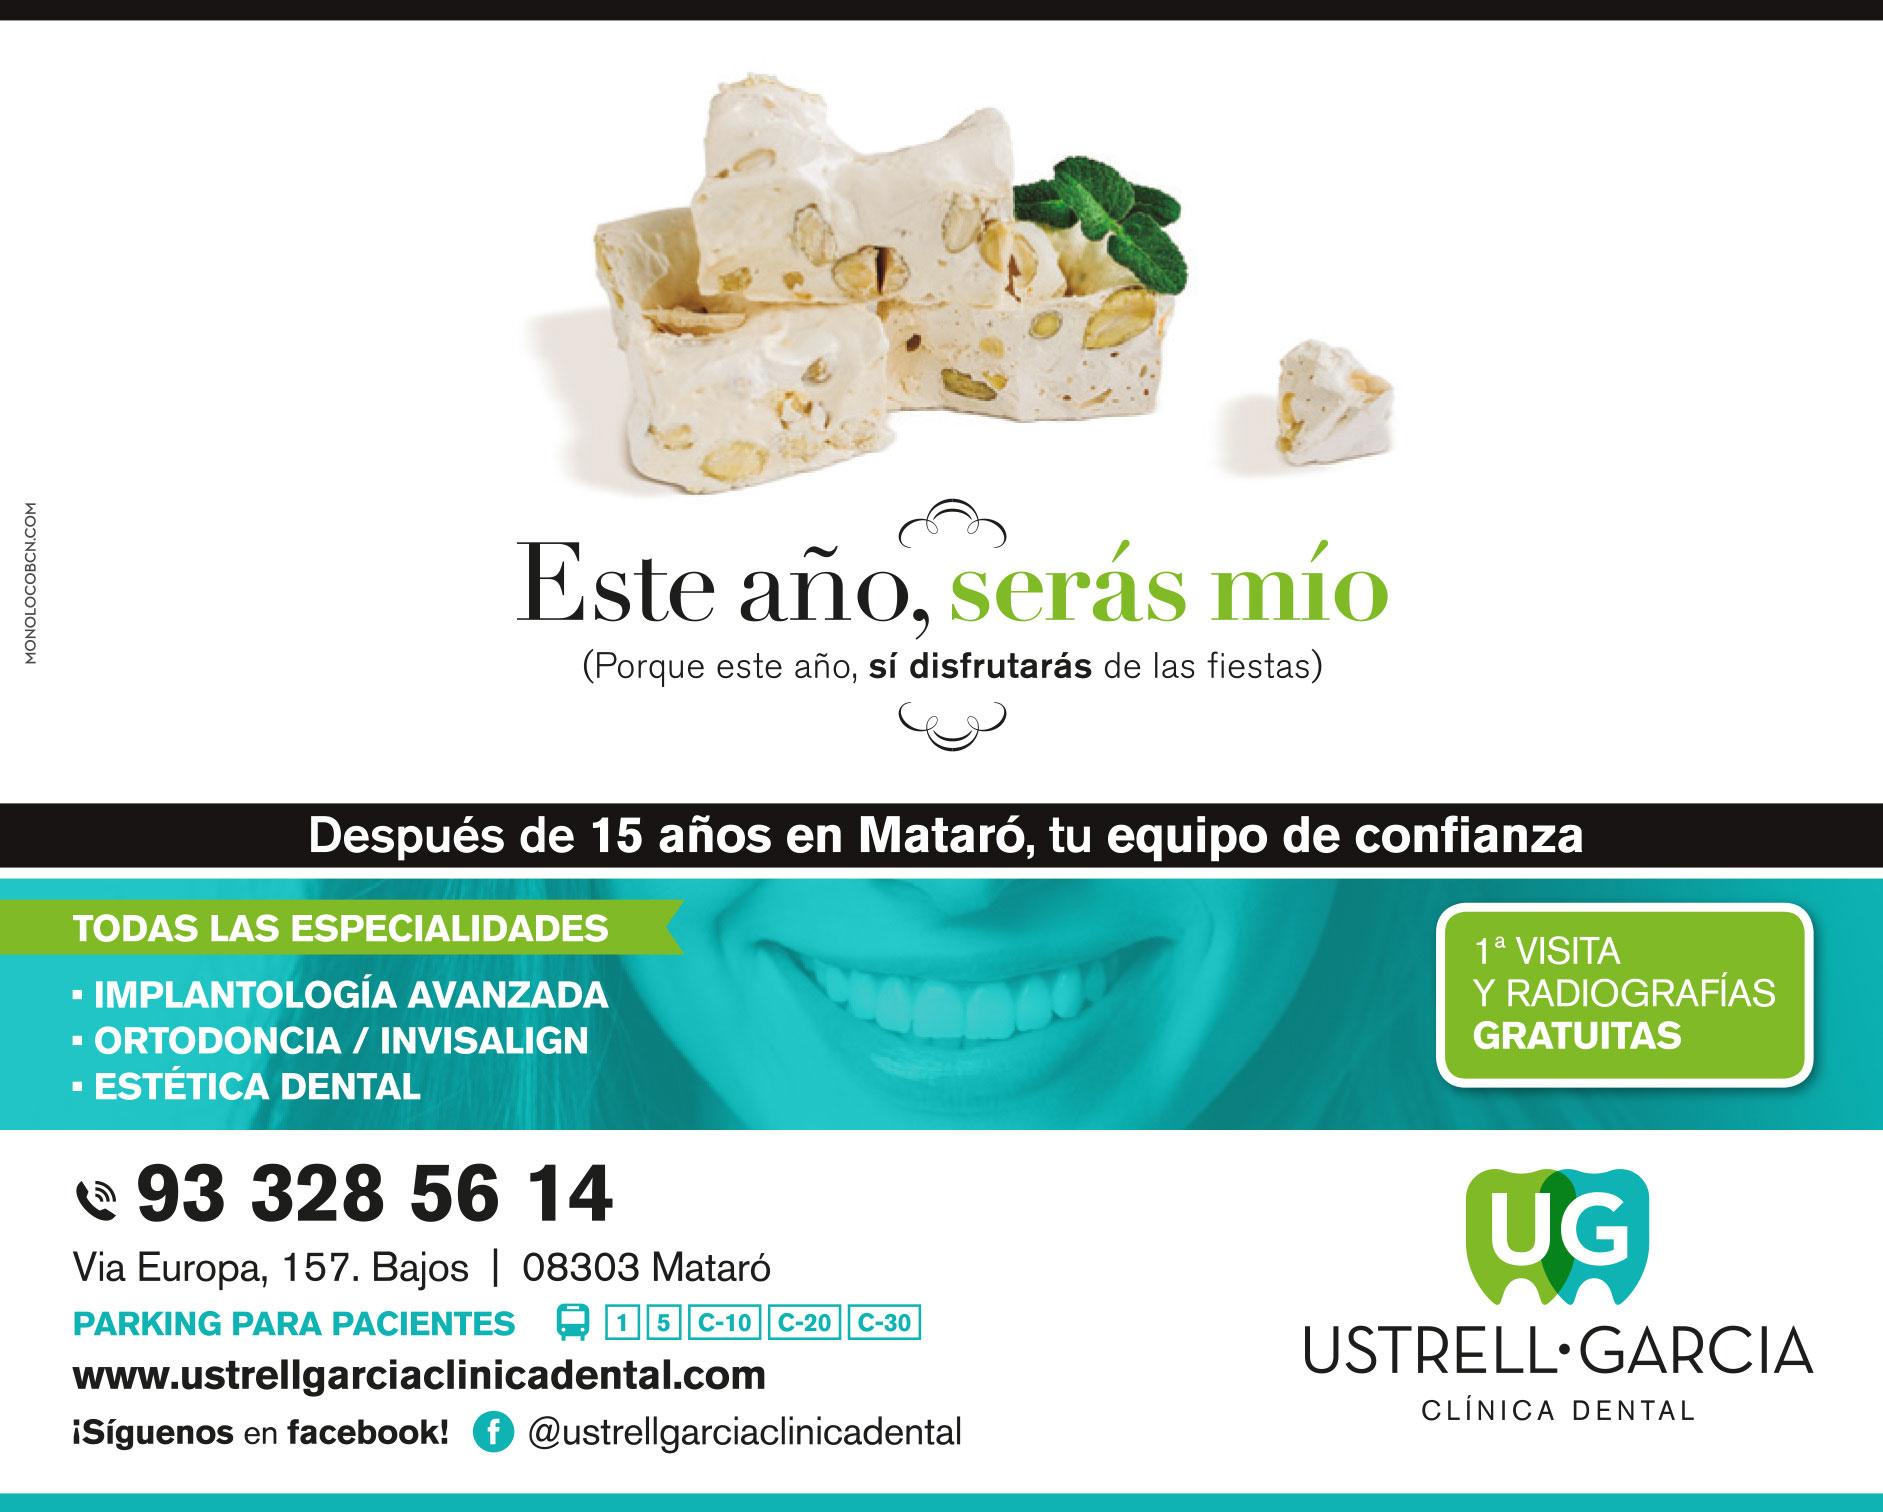 Prensa Clínica Dental Ustrell & García